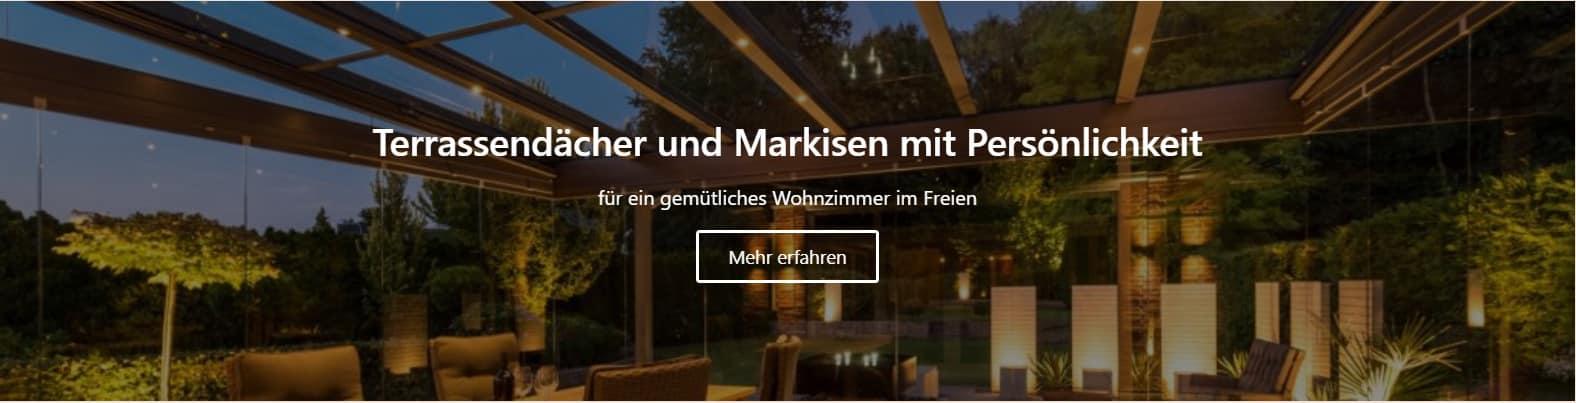 Terassendächer und Markisen in Nordhorn vom Tischler